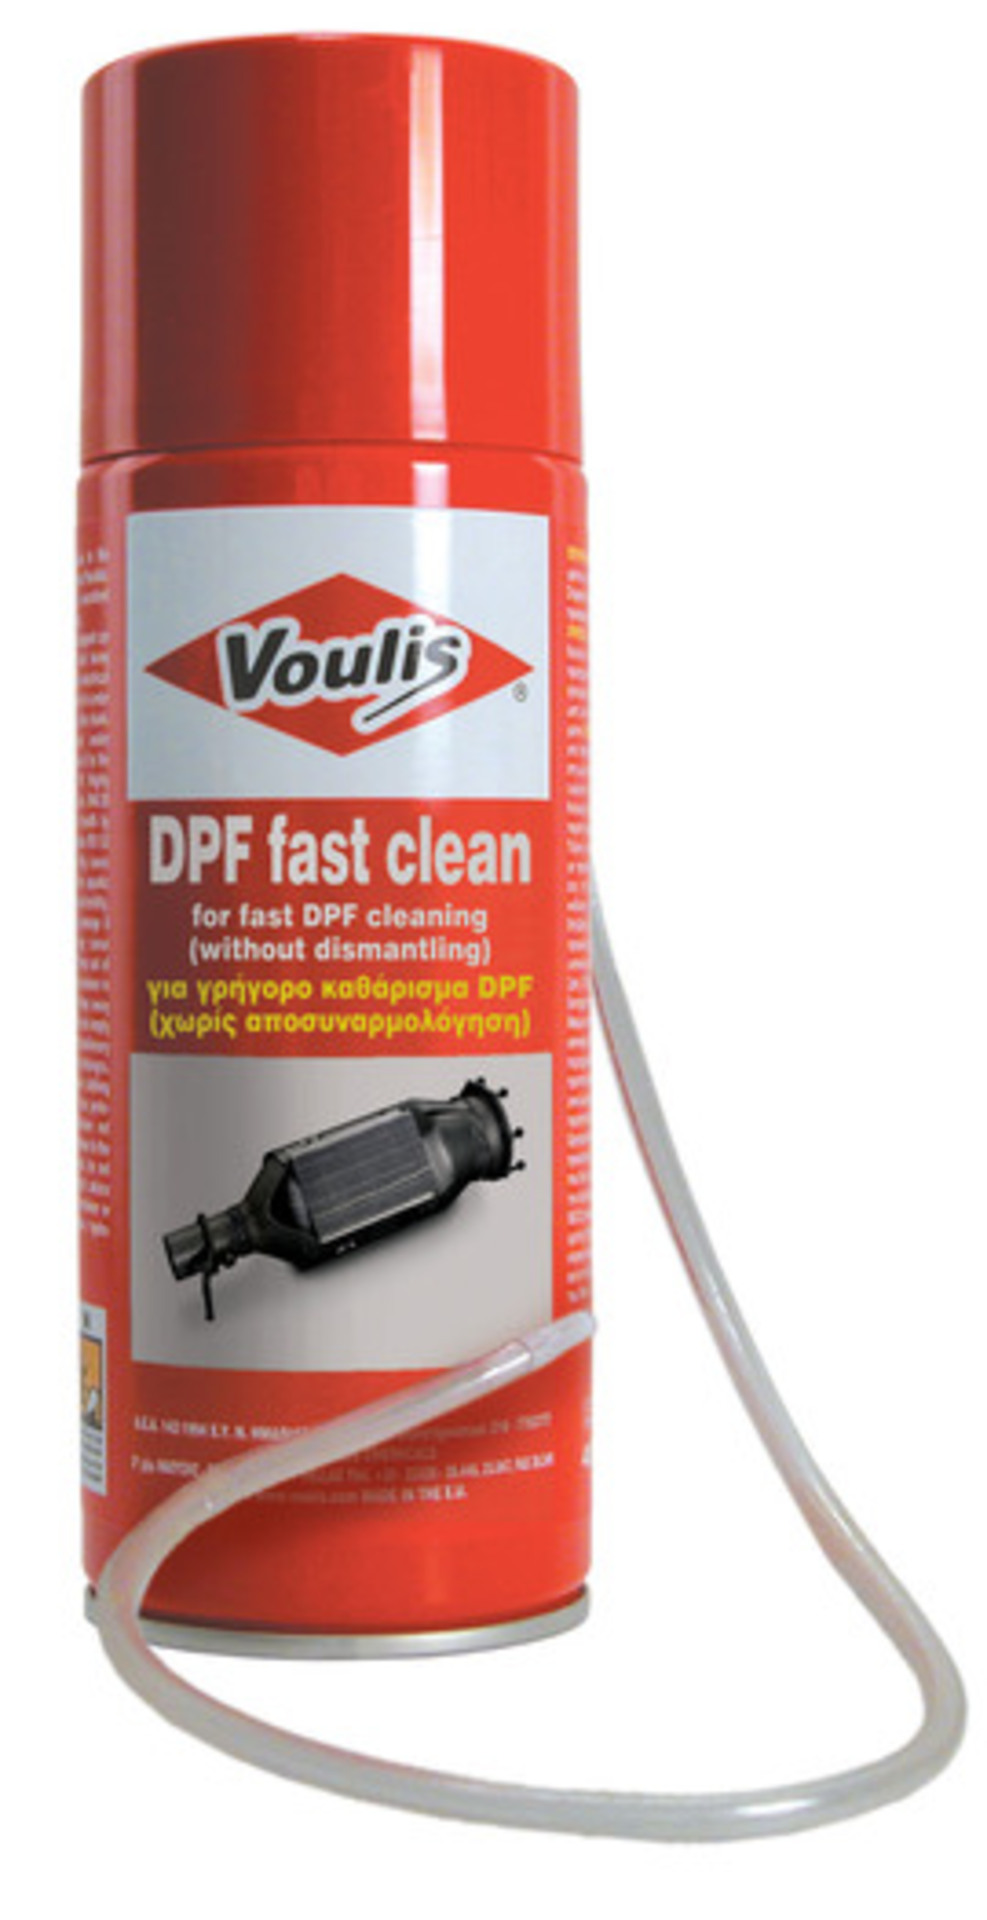 dpf fast-clean